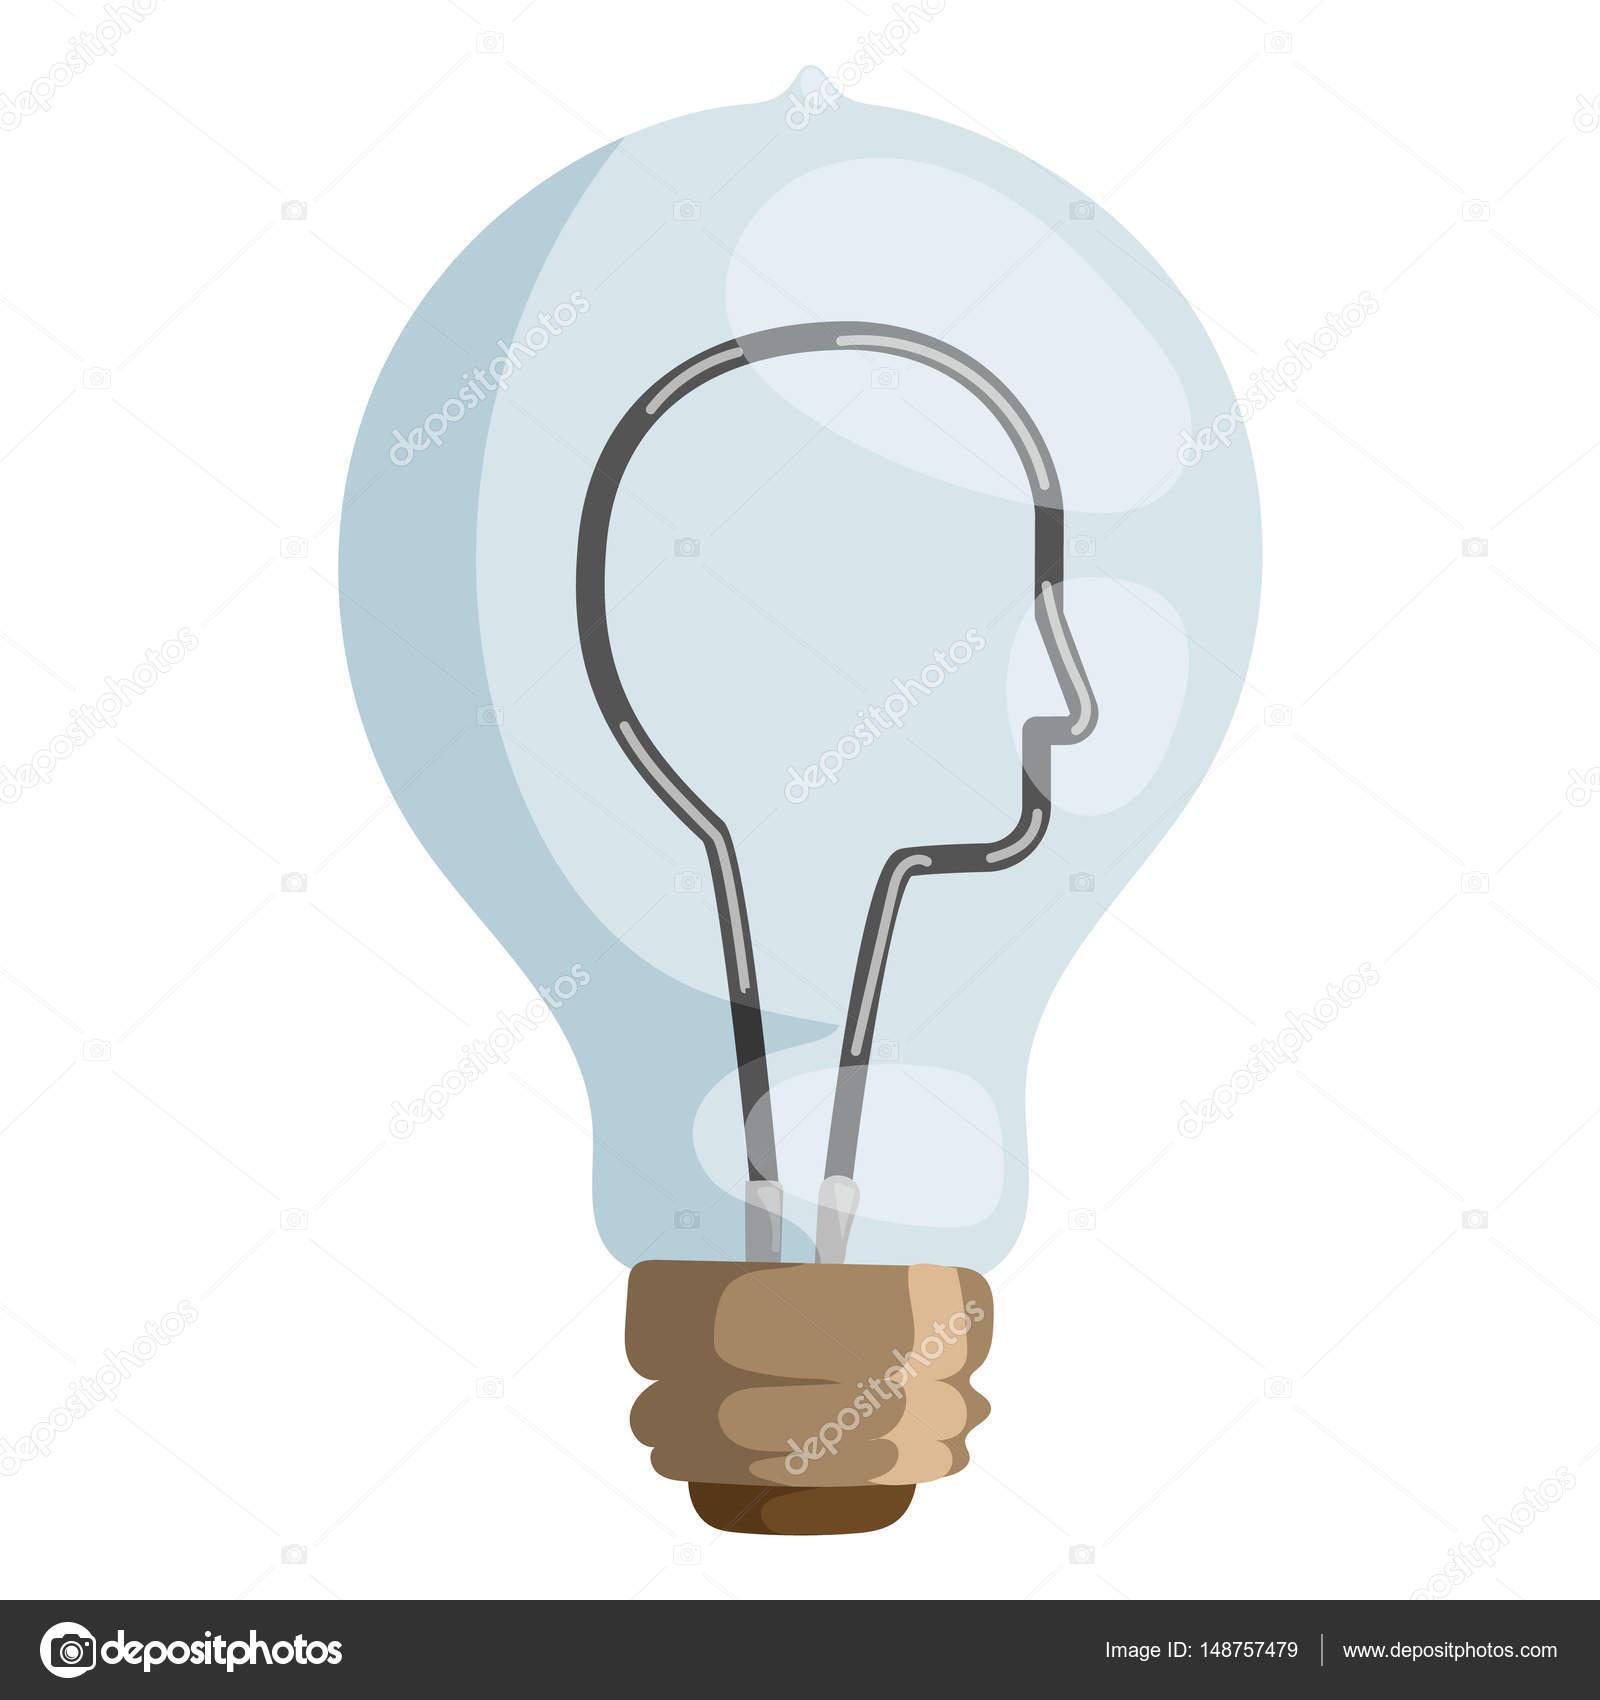 Lampe Vektor Konzept Abbildung isolierte Design Innovation ...